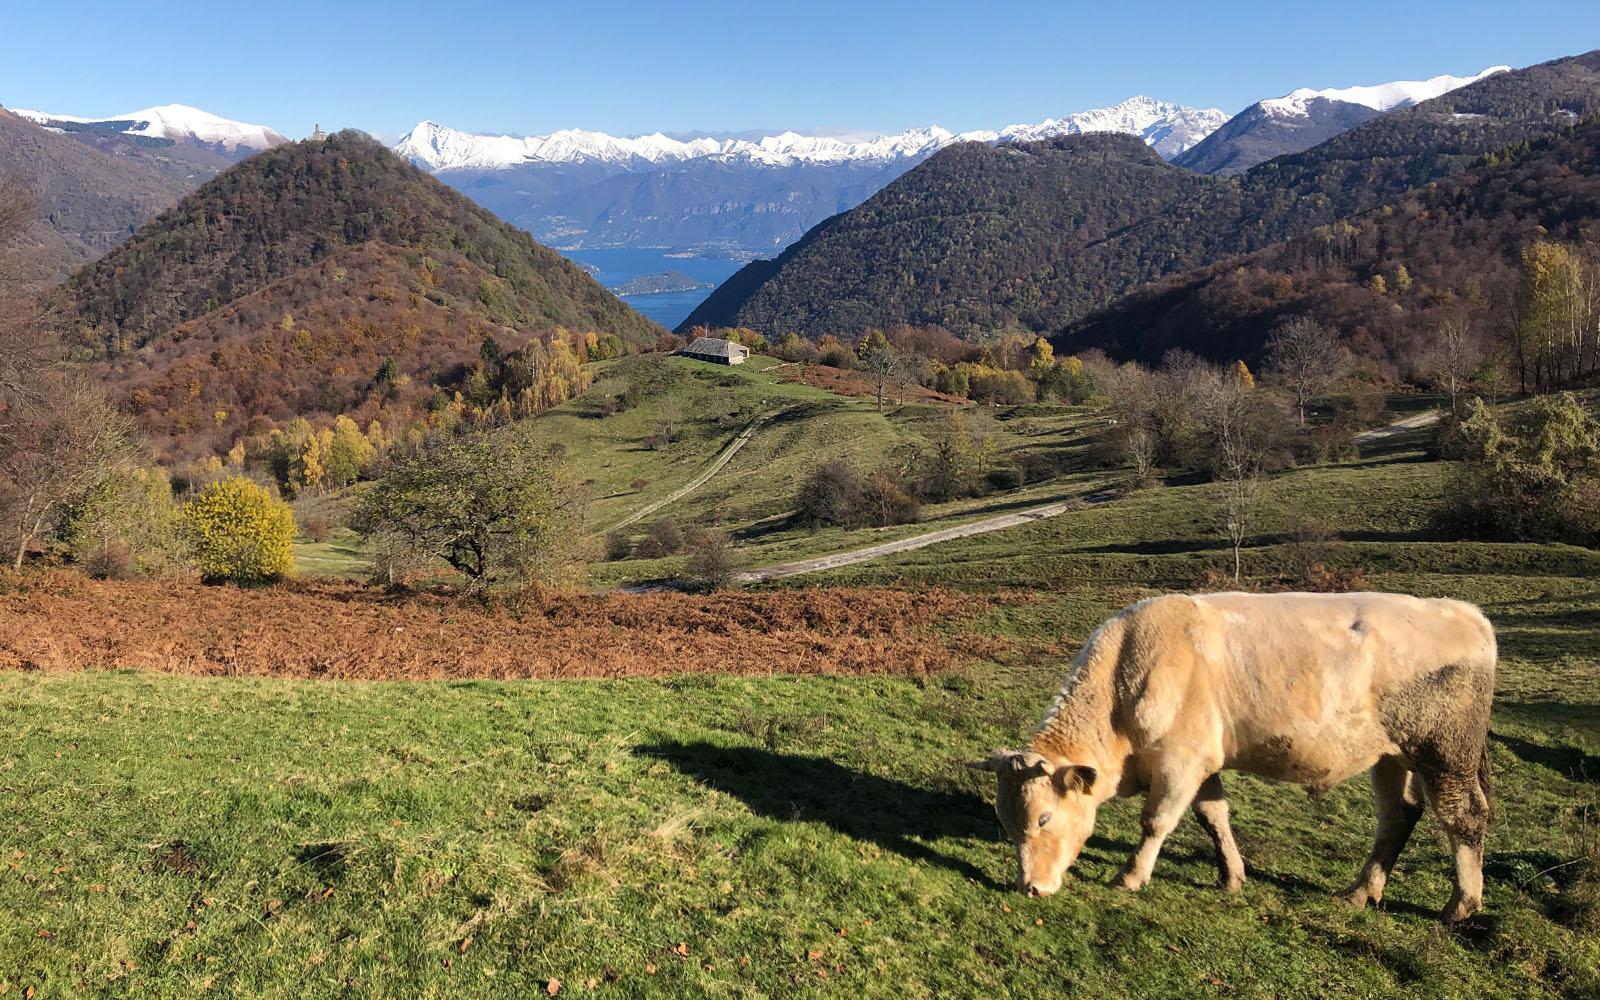 Una mucca al pascolo in Valle Intelvi. © oltreilbalcone